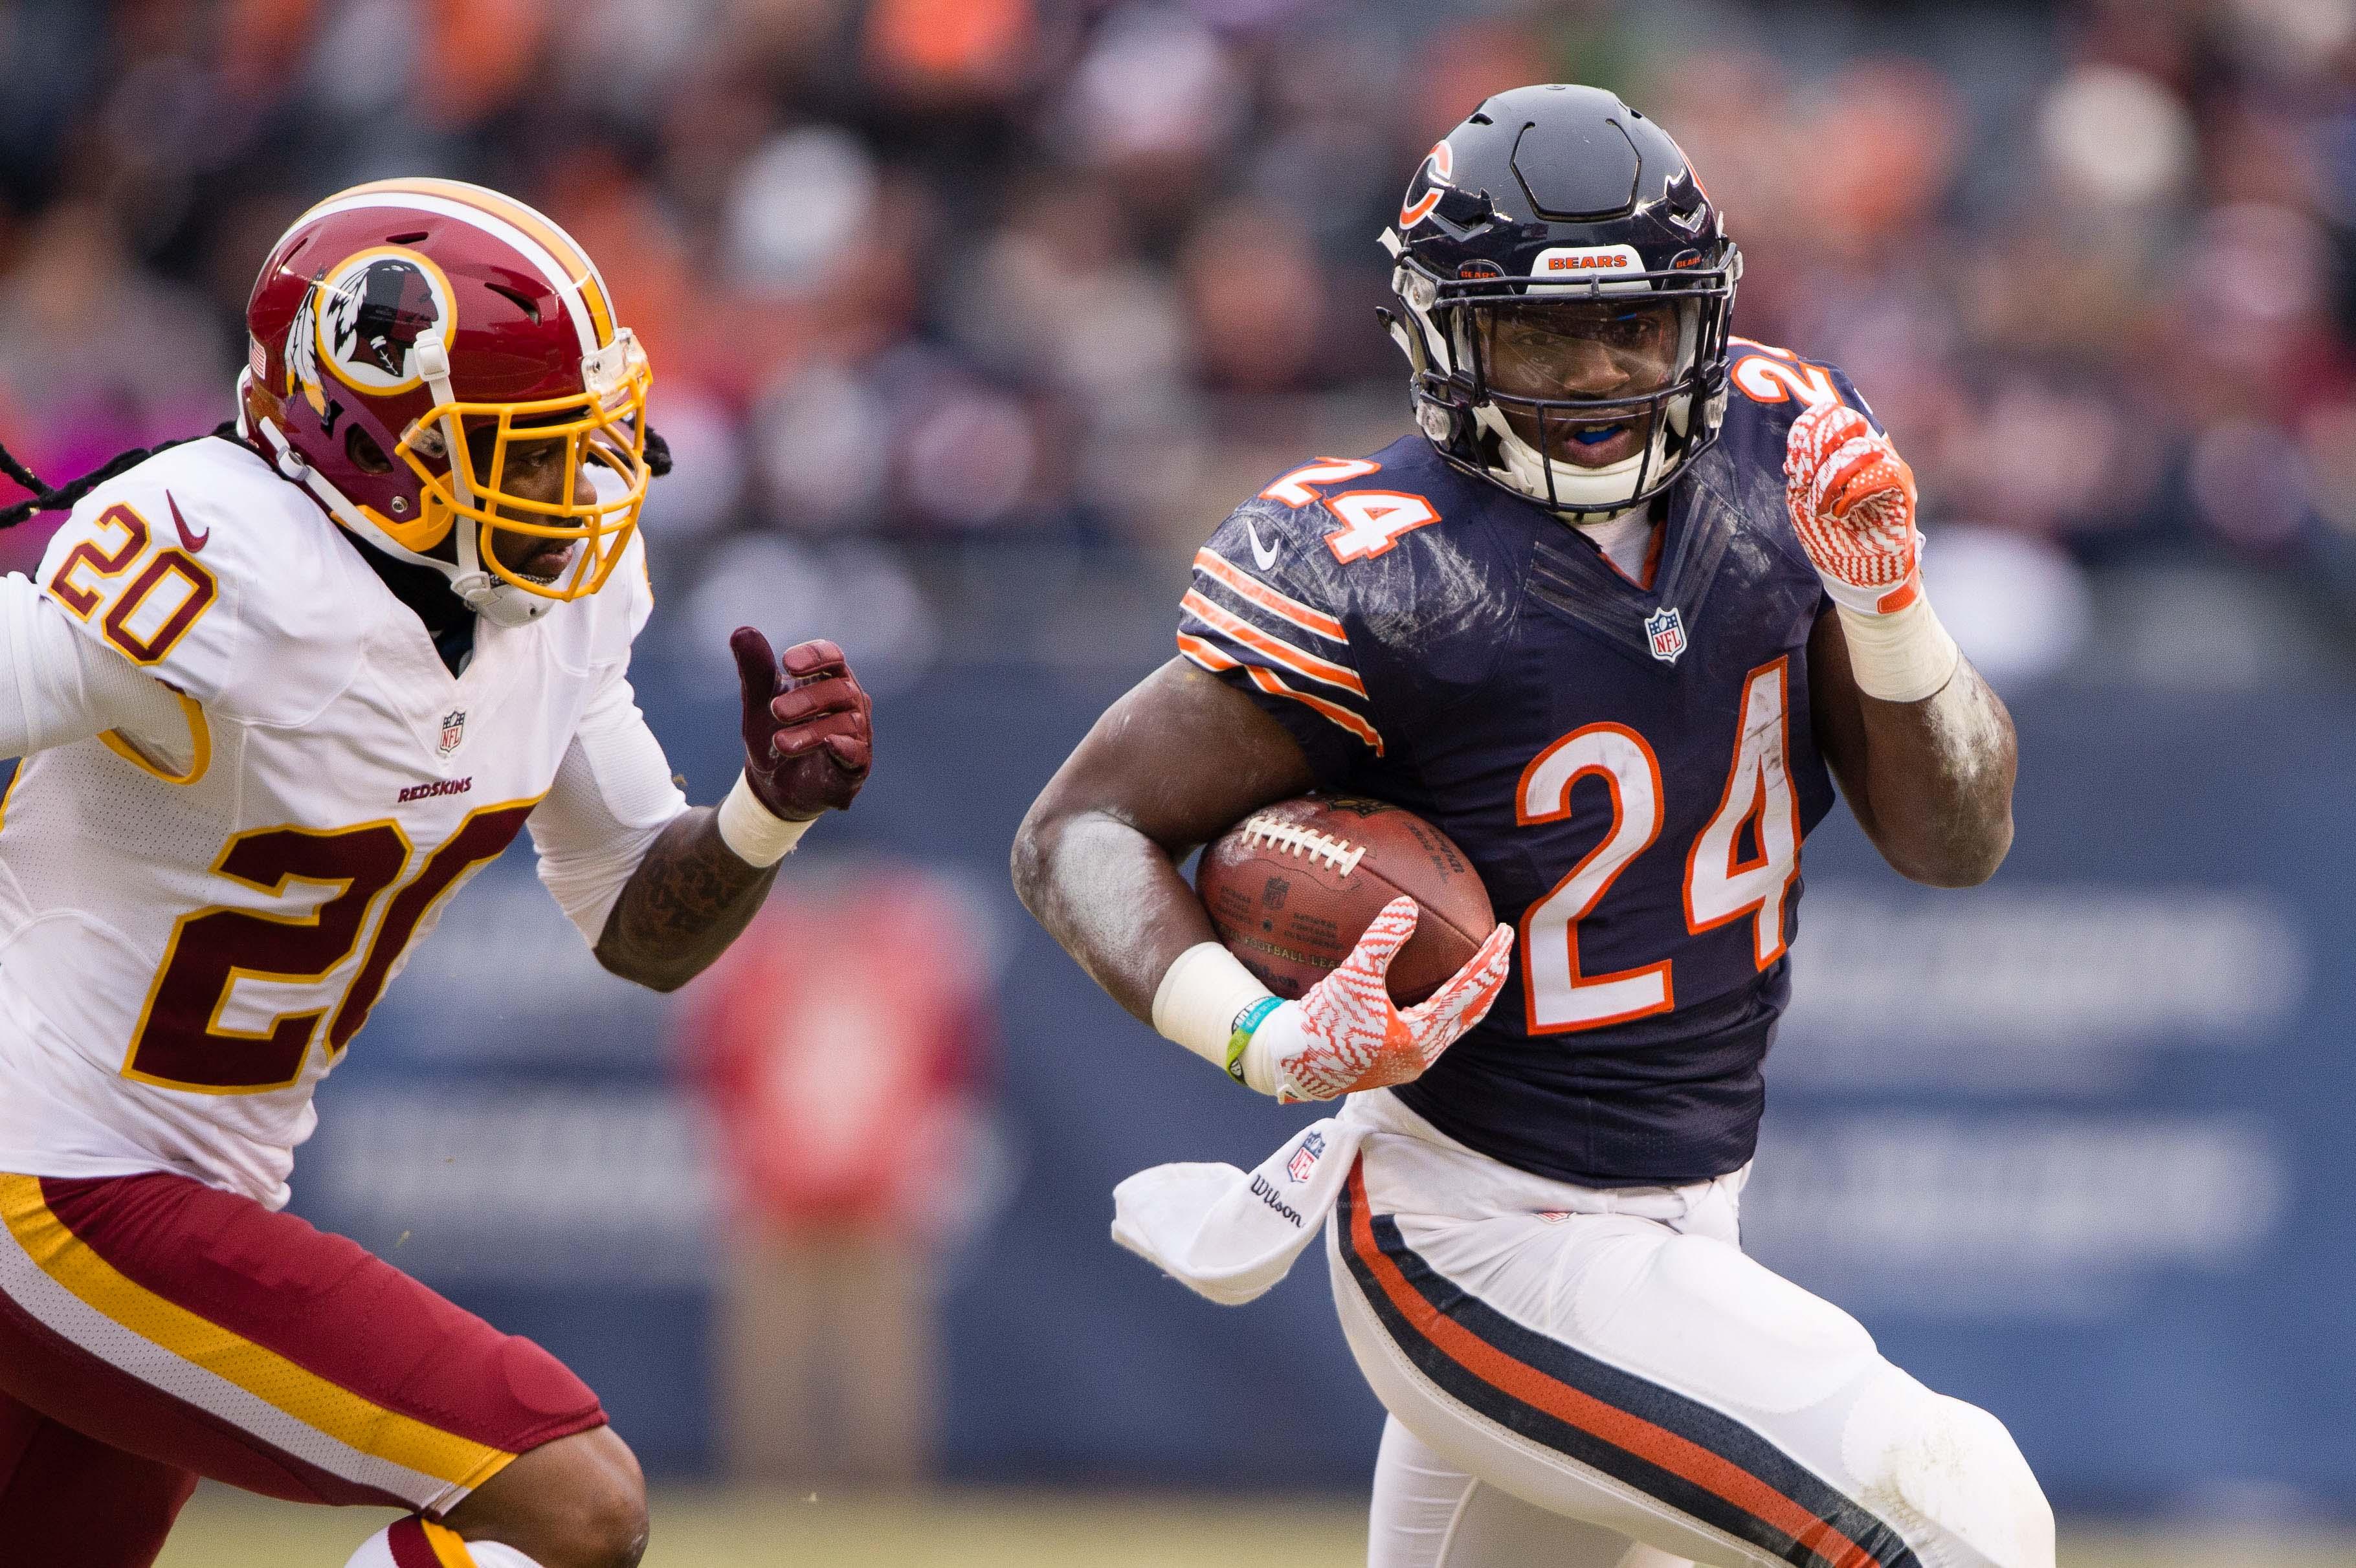 Former IU running back Jordan Howard breaks Bears rookie rushing